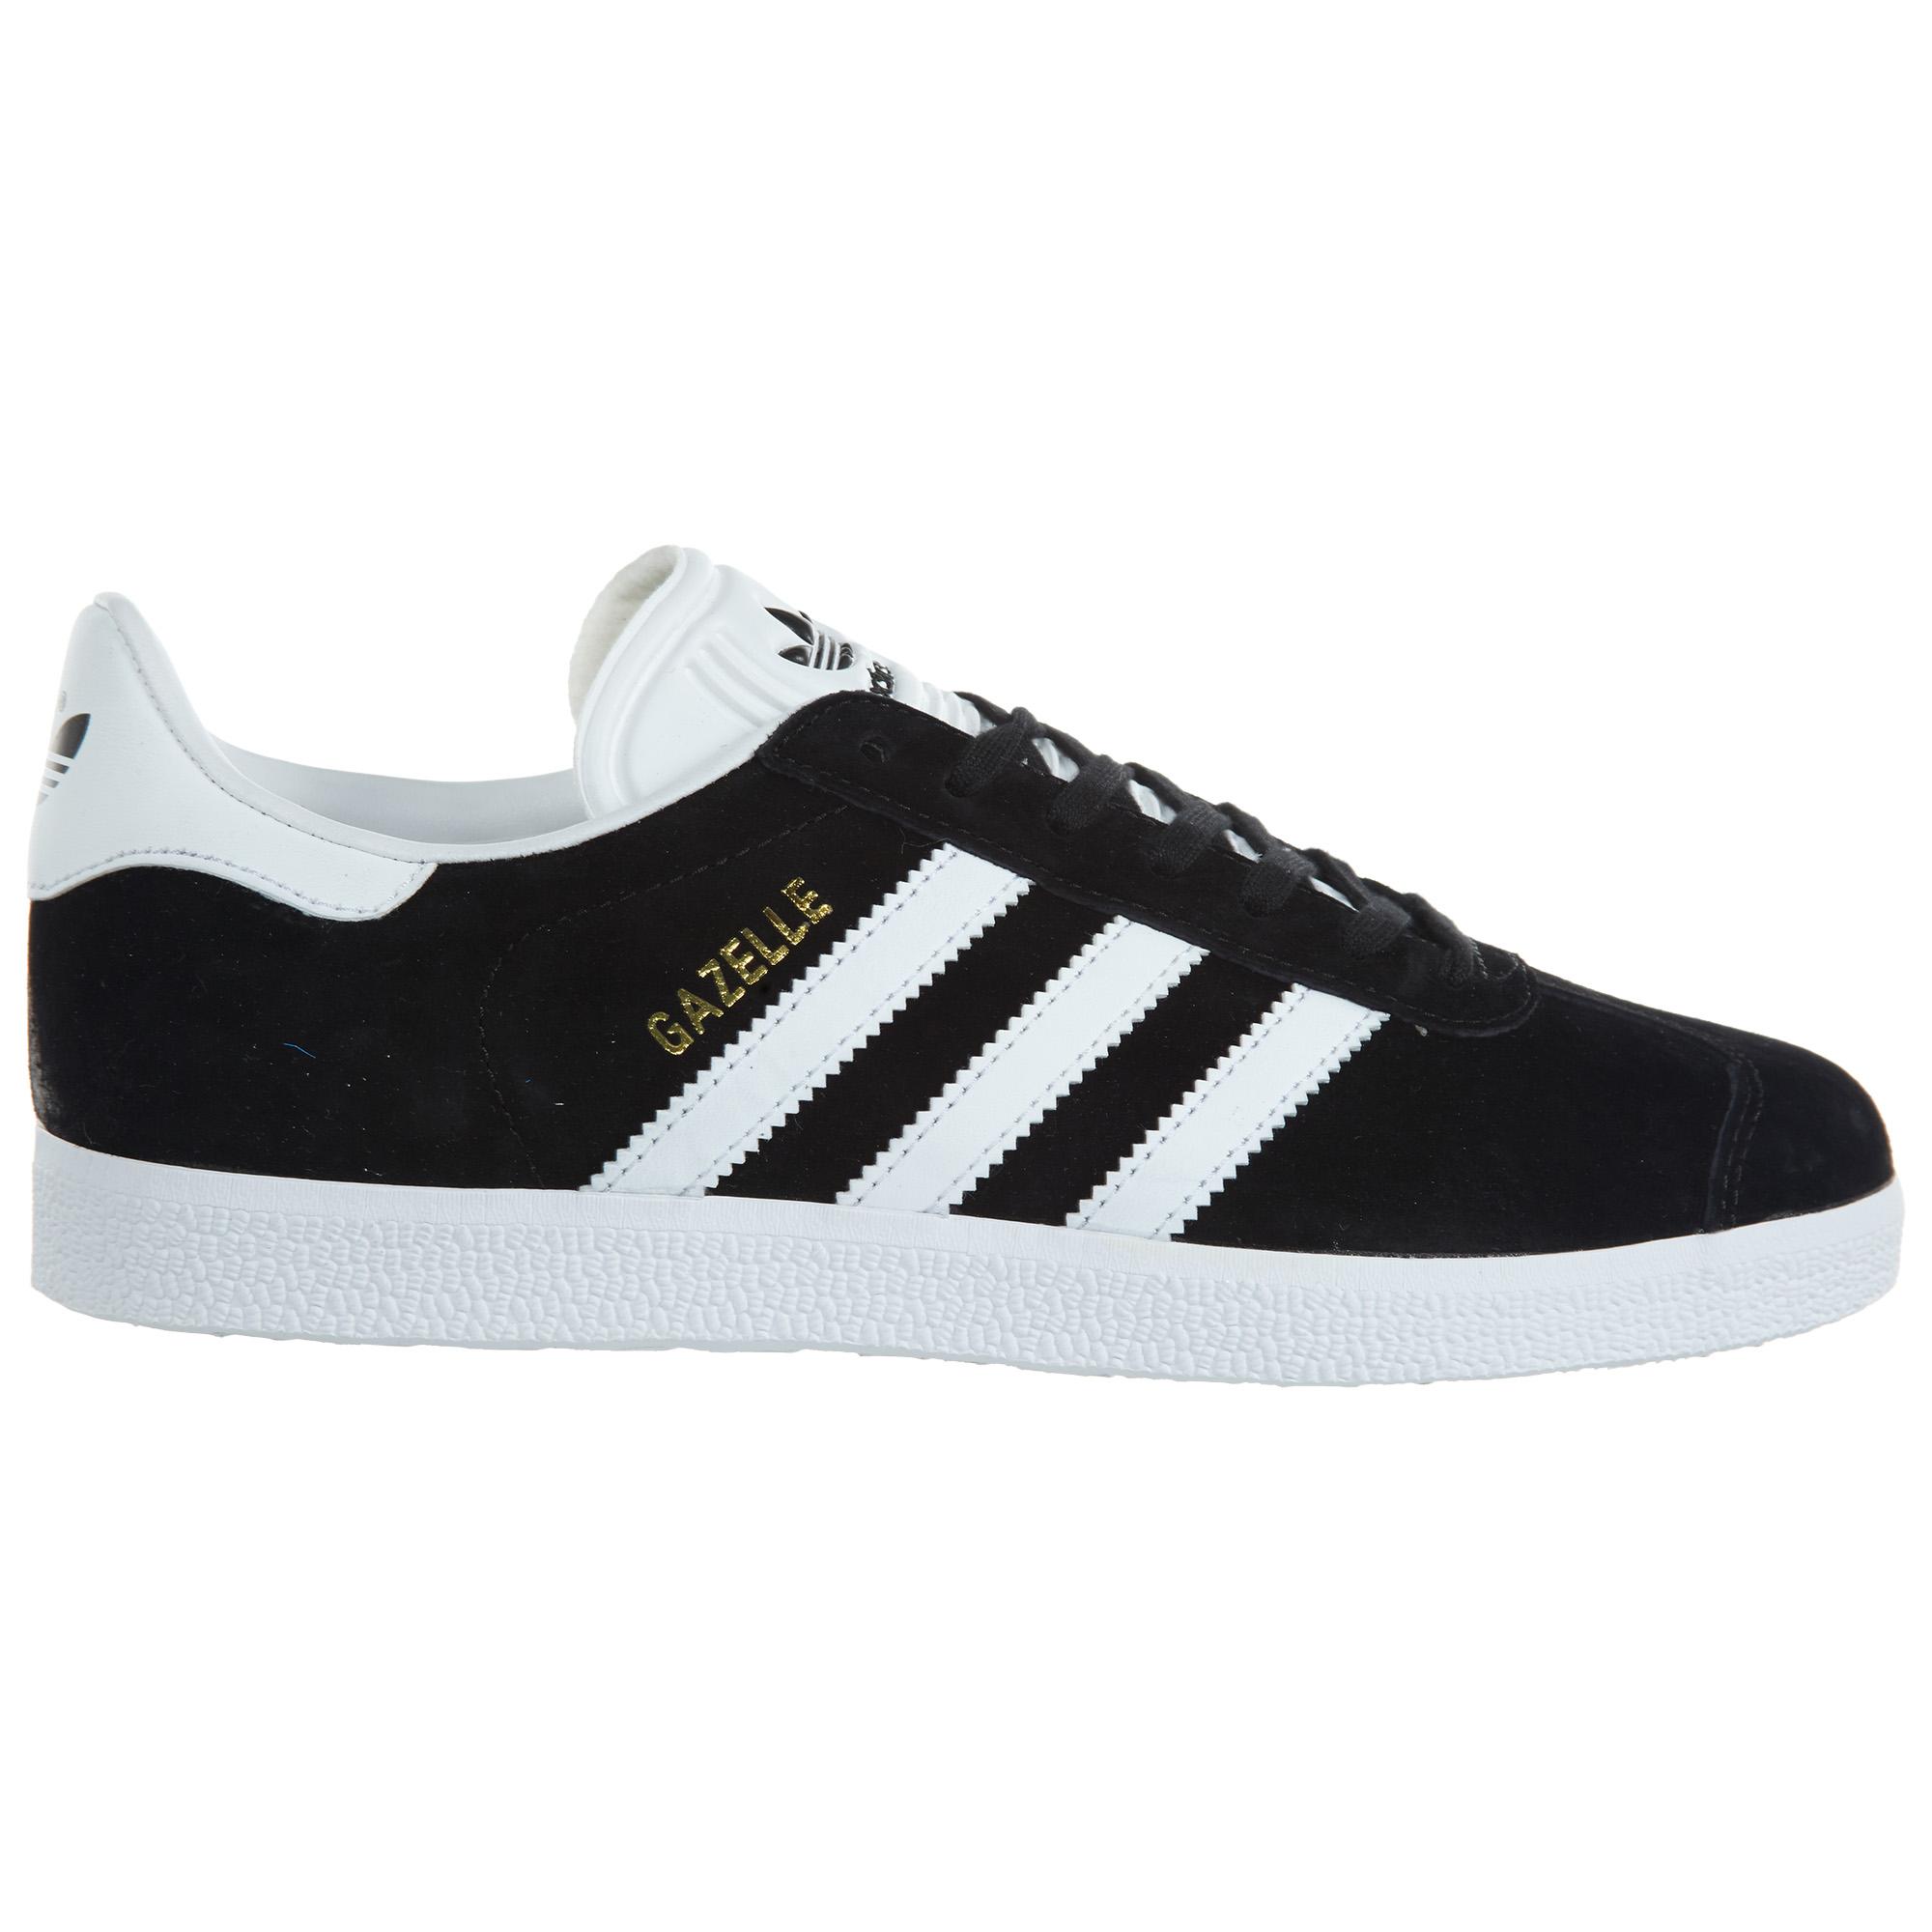 adidas Gazelle Black White-Gold Metallic (W) - BA9595